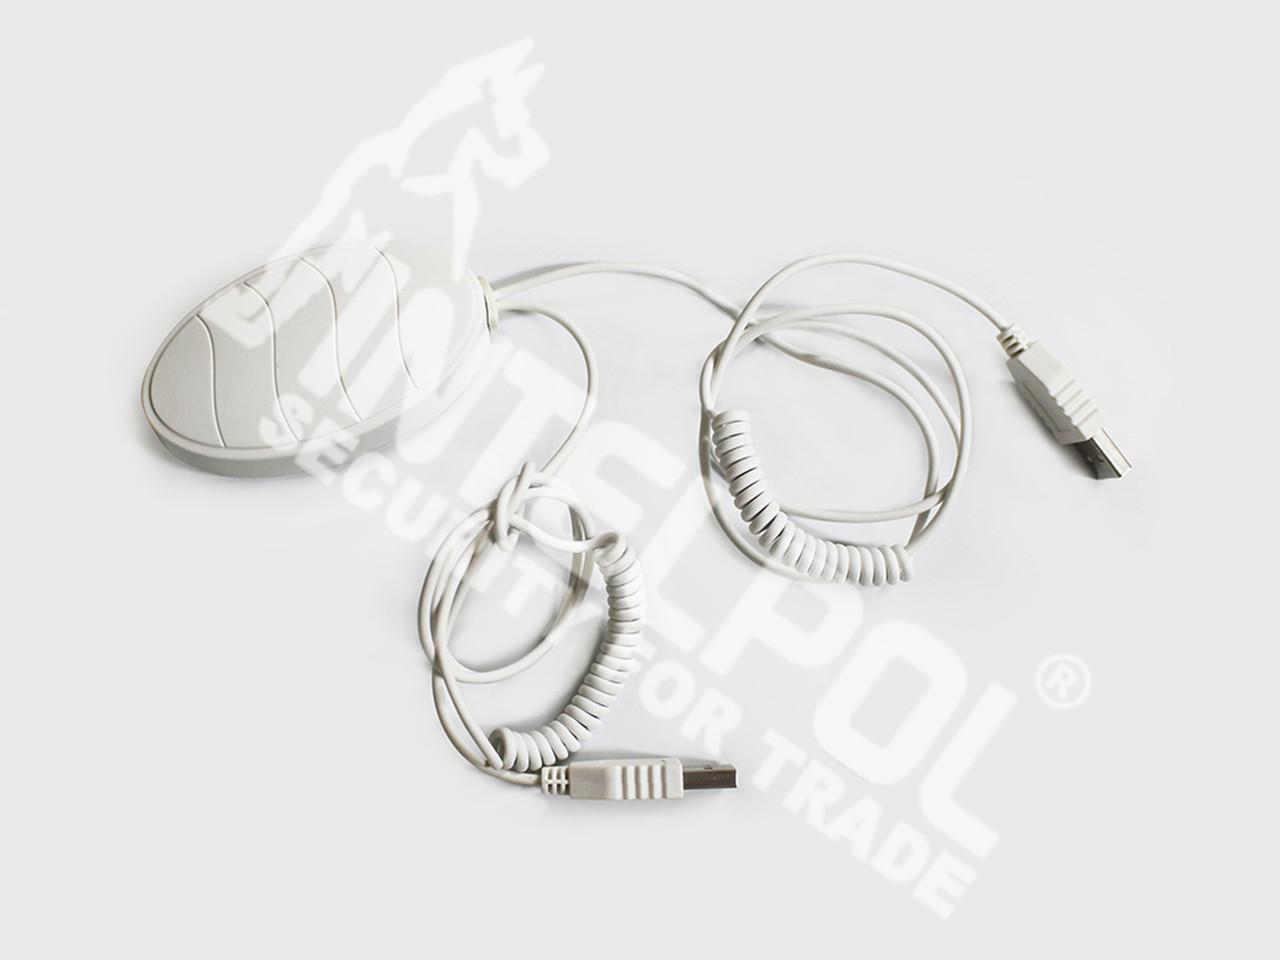 Автономний датчик Safeplay SP2503 для пристроїв з USB портом